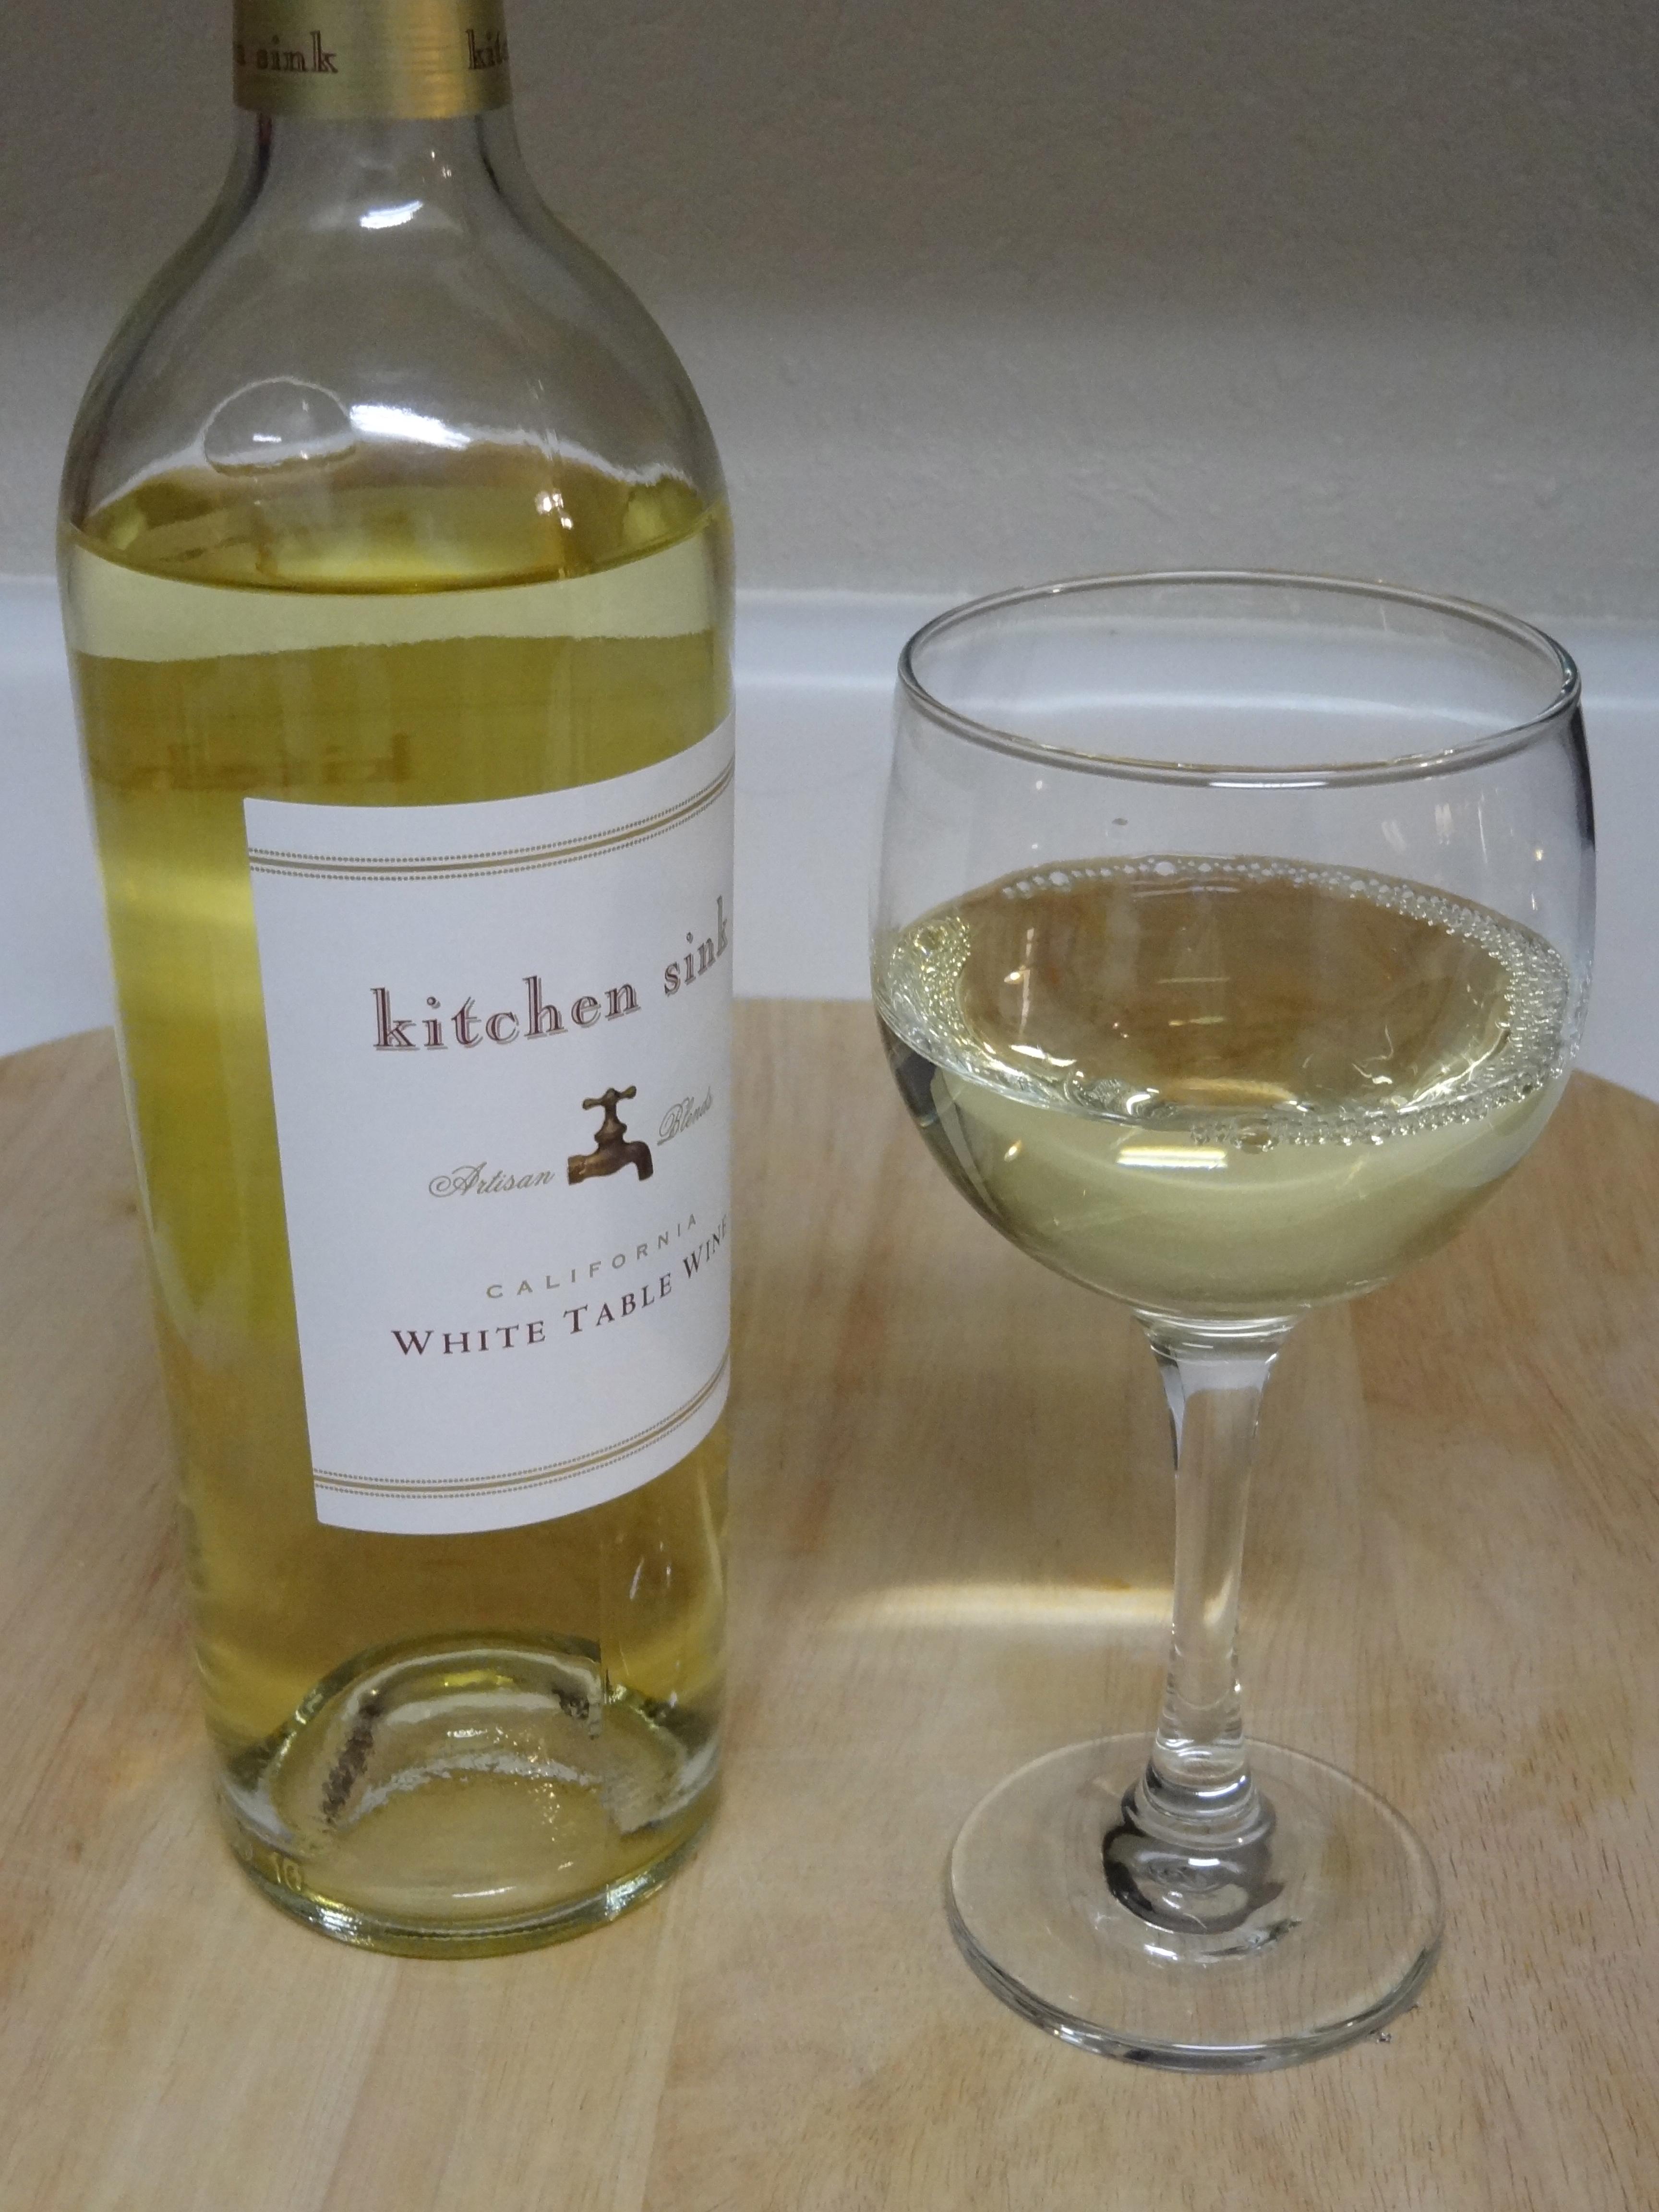 Kitchen Sink White First Pour Wine